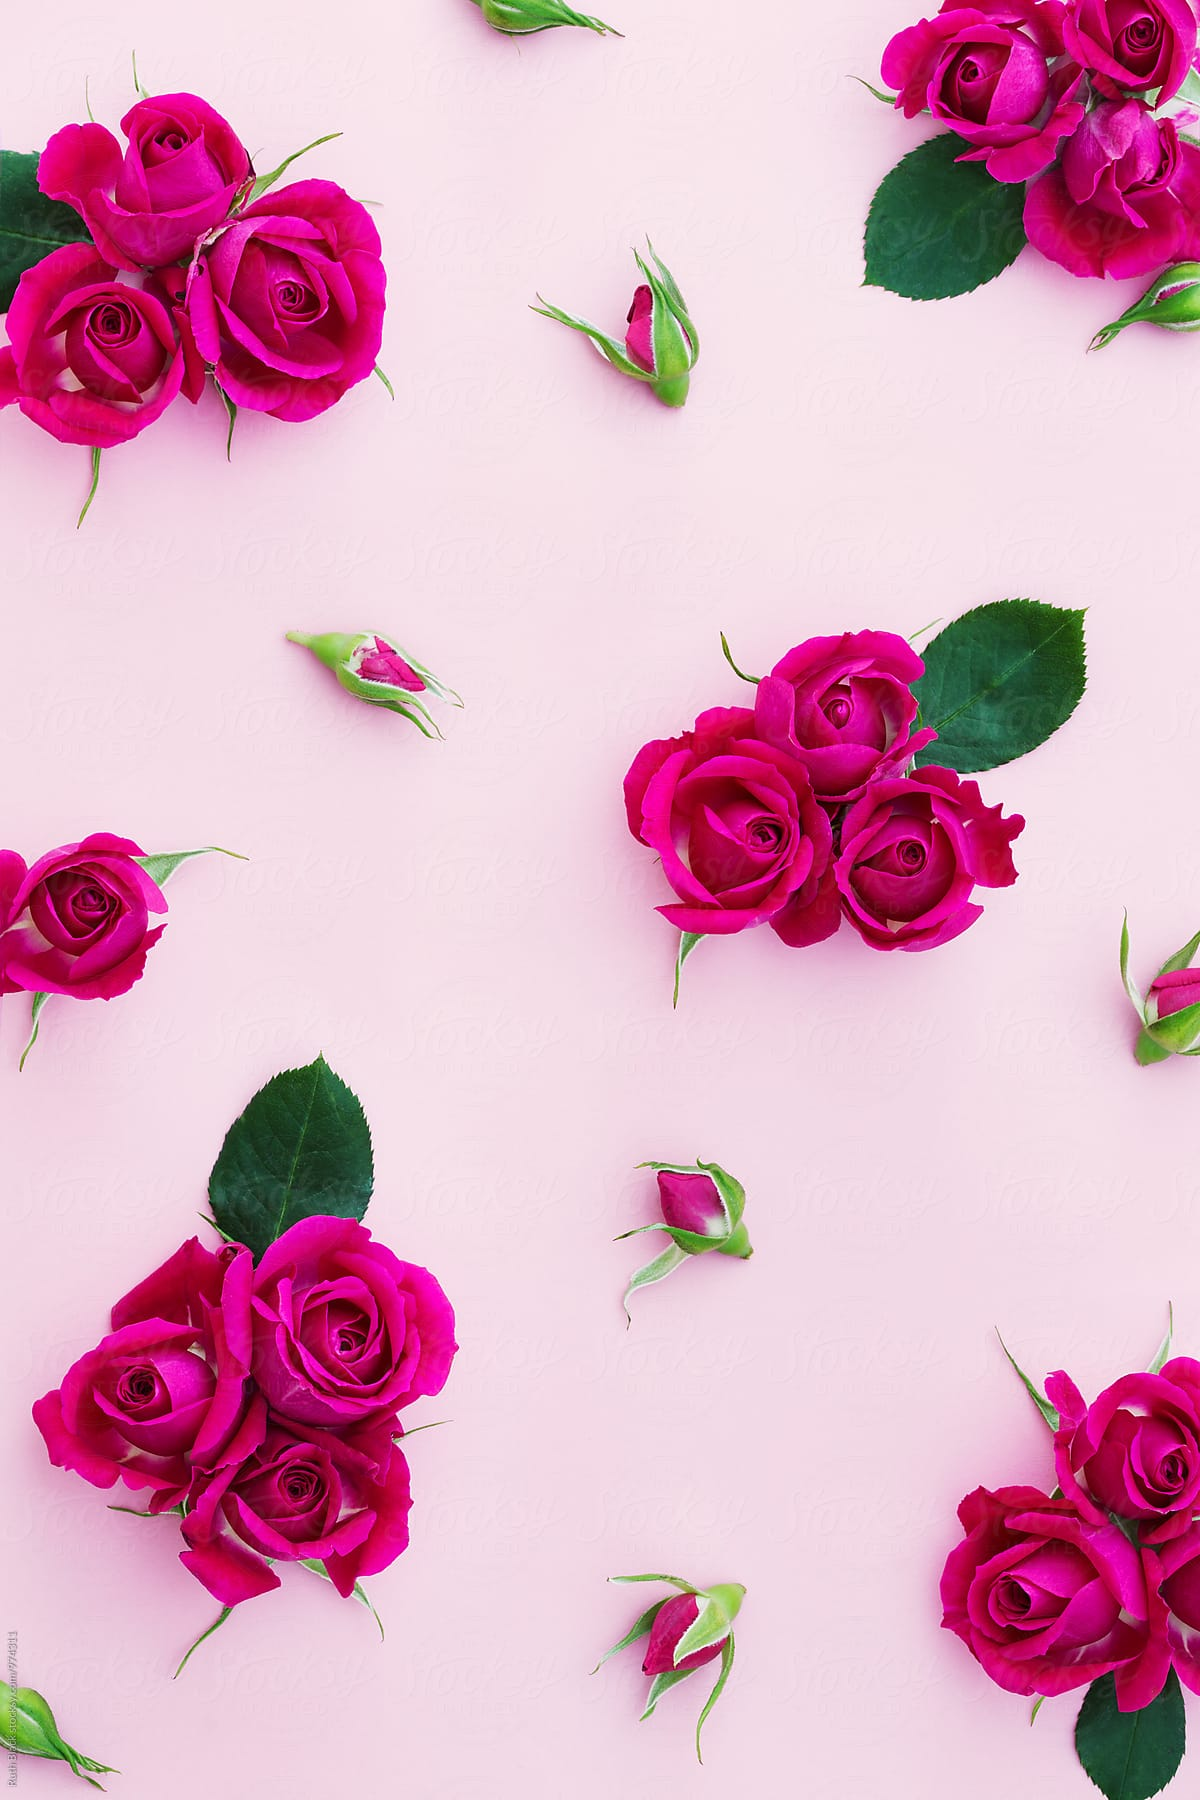 Background đẹp về hoa hồng